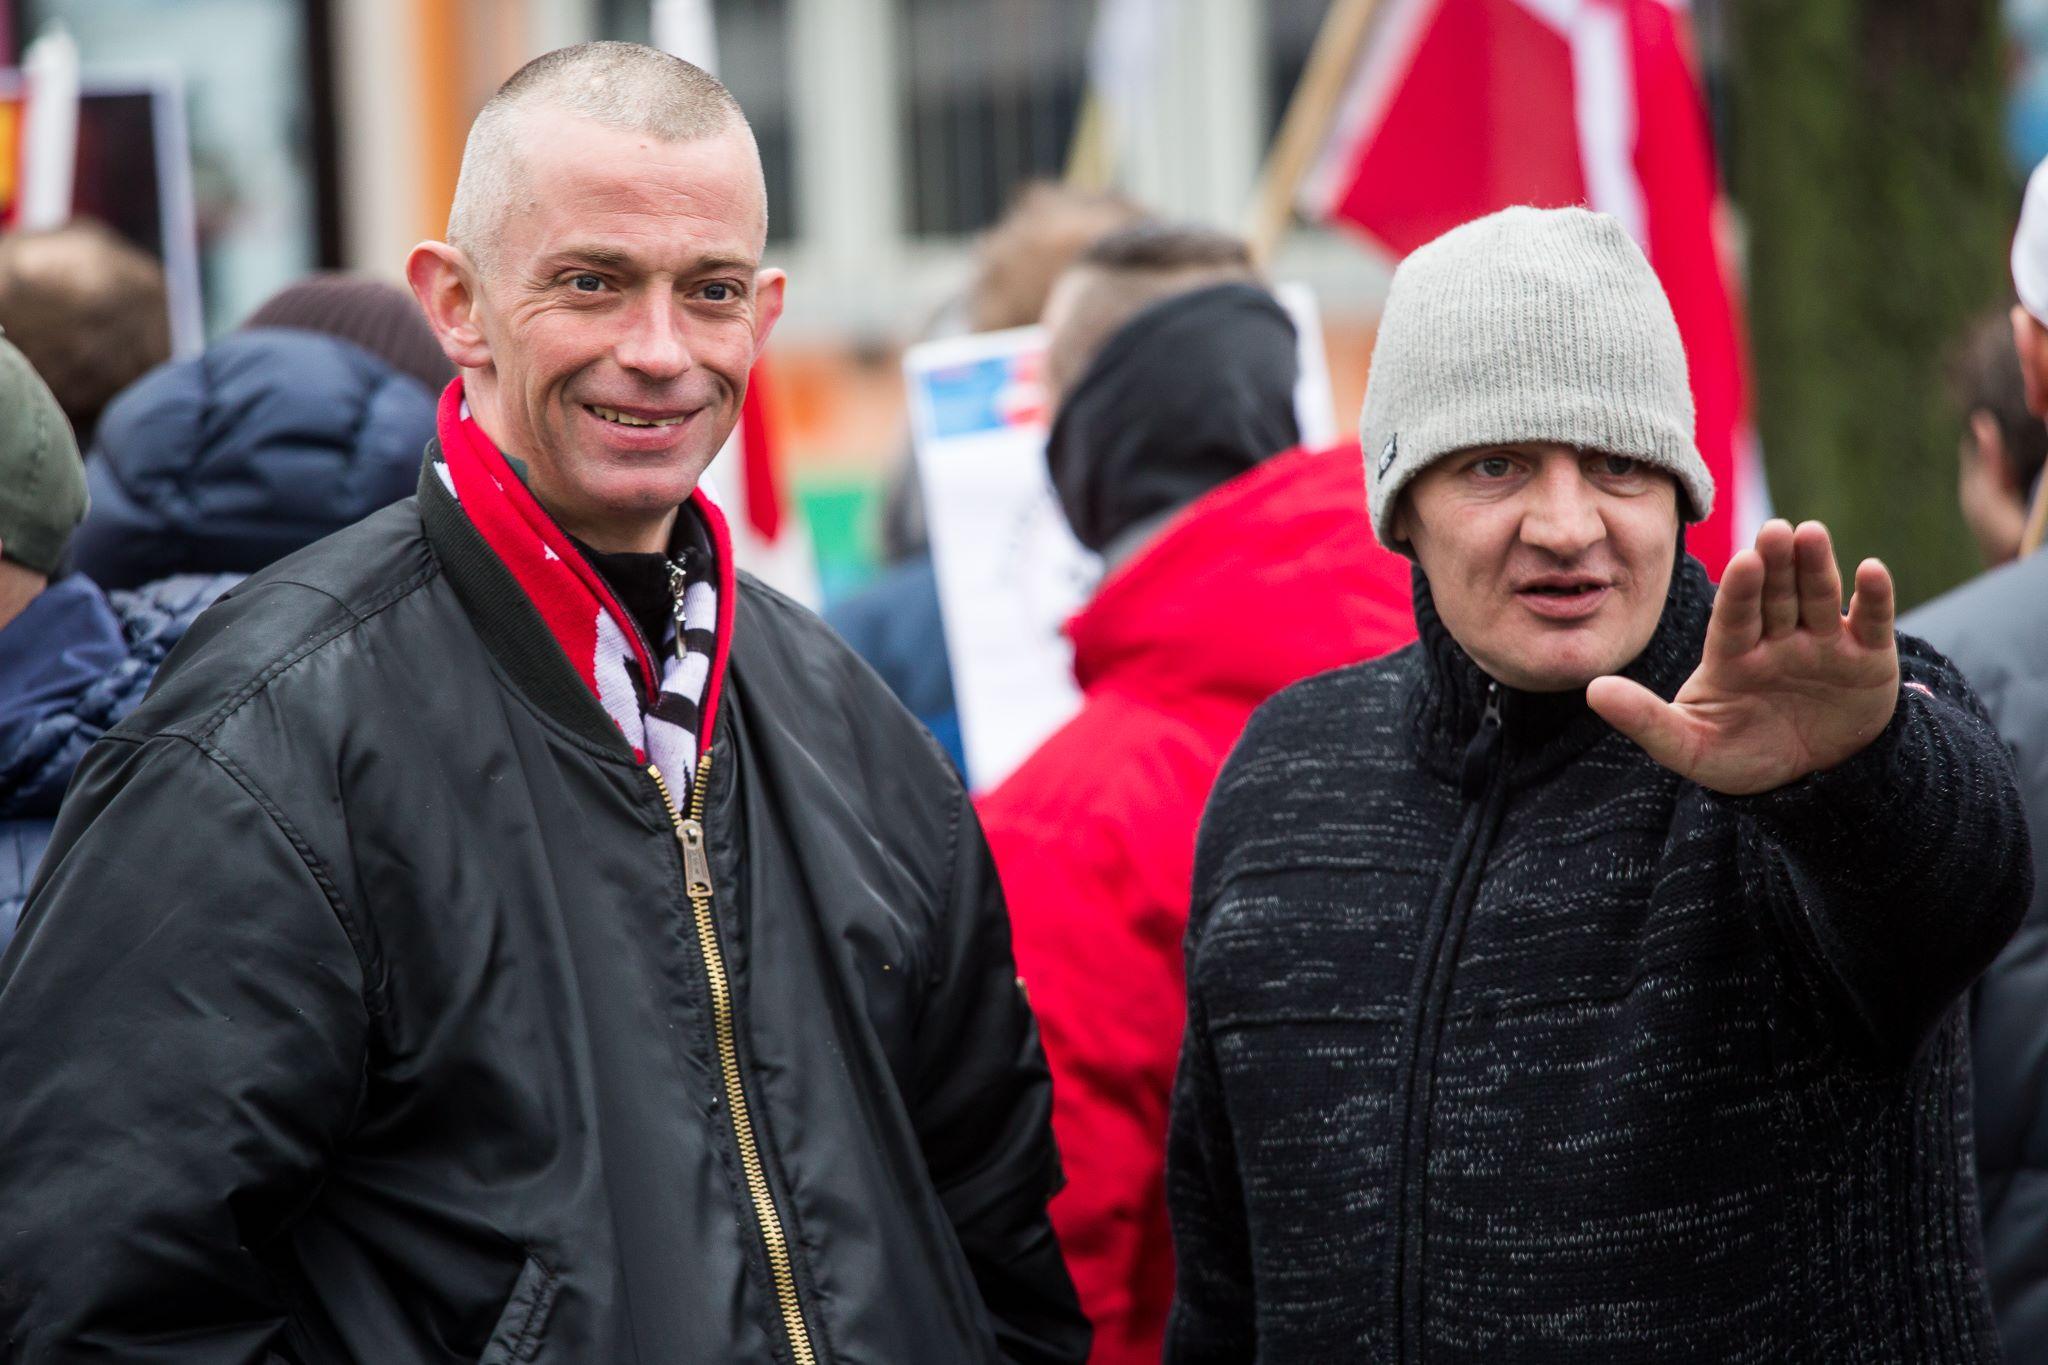 Niels Erik Clausen ses her (tv) under en demonstration arrangeret af den danske PEGIDA-bevægelse, For Frihed i 2016. Foto: Redox.